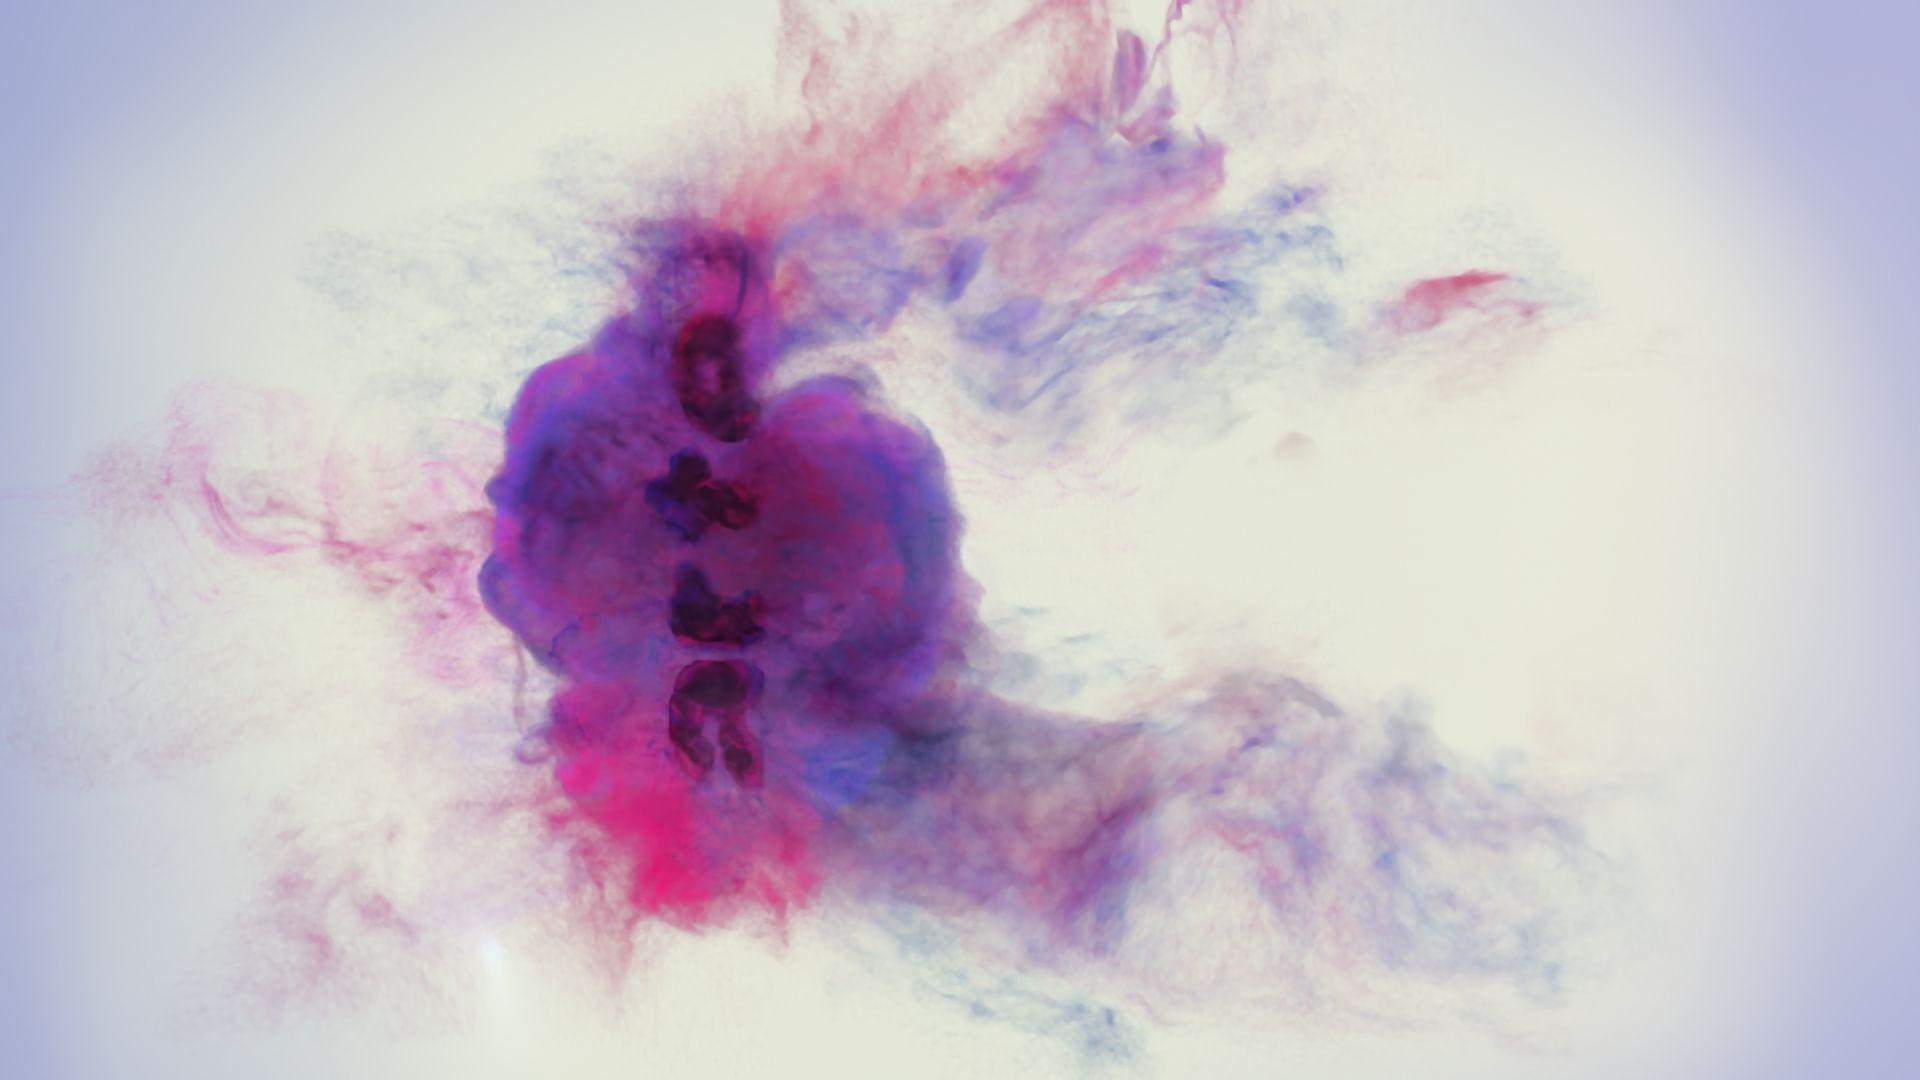 Alternative Musikgeschichte in nur drei Minuten? TAPE macht's möglich. Die Sendung erzählt Anekdoten, die eigentlich nur echte Insider kennen. Doch egal, ob lustig oder skurril – es geht immer um Wesentliches. Das kleine Extra, das es ermöglicht, in Gesellschaft zu glänzen, ohne das Rocklexikon studiert zu haben.